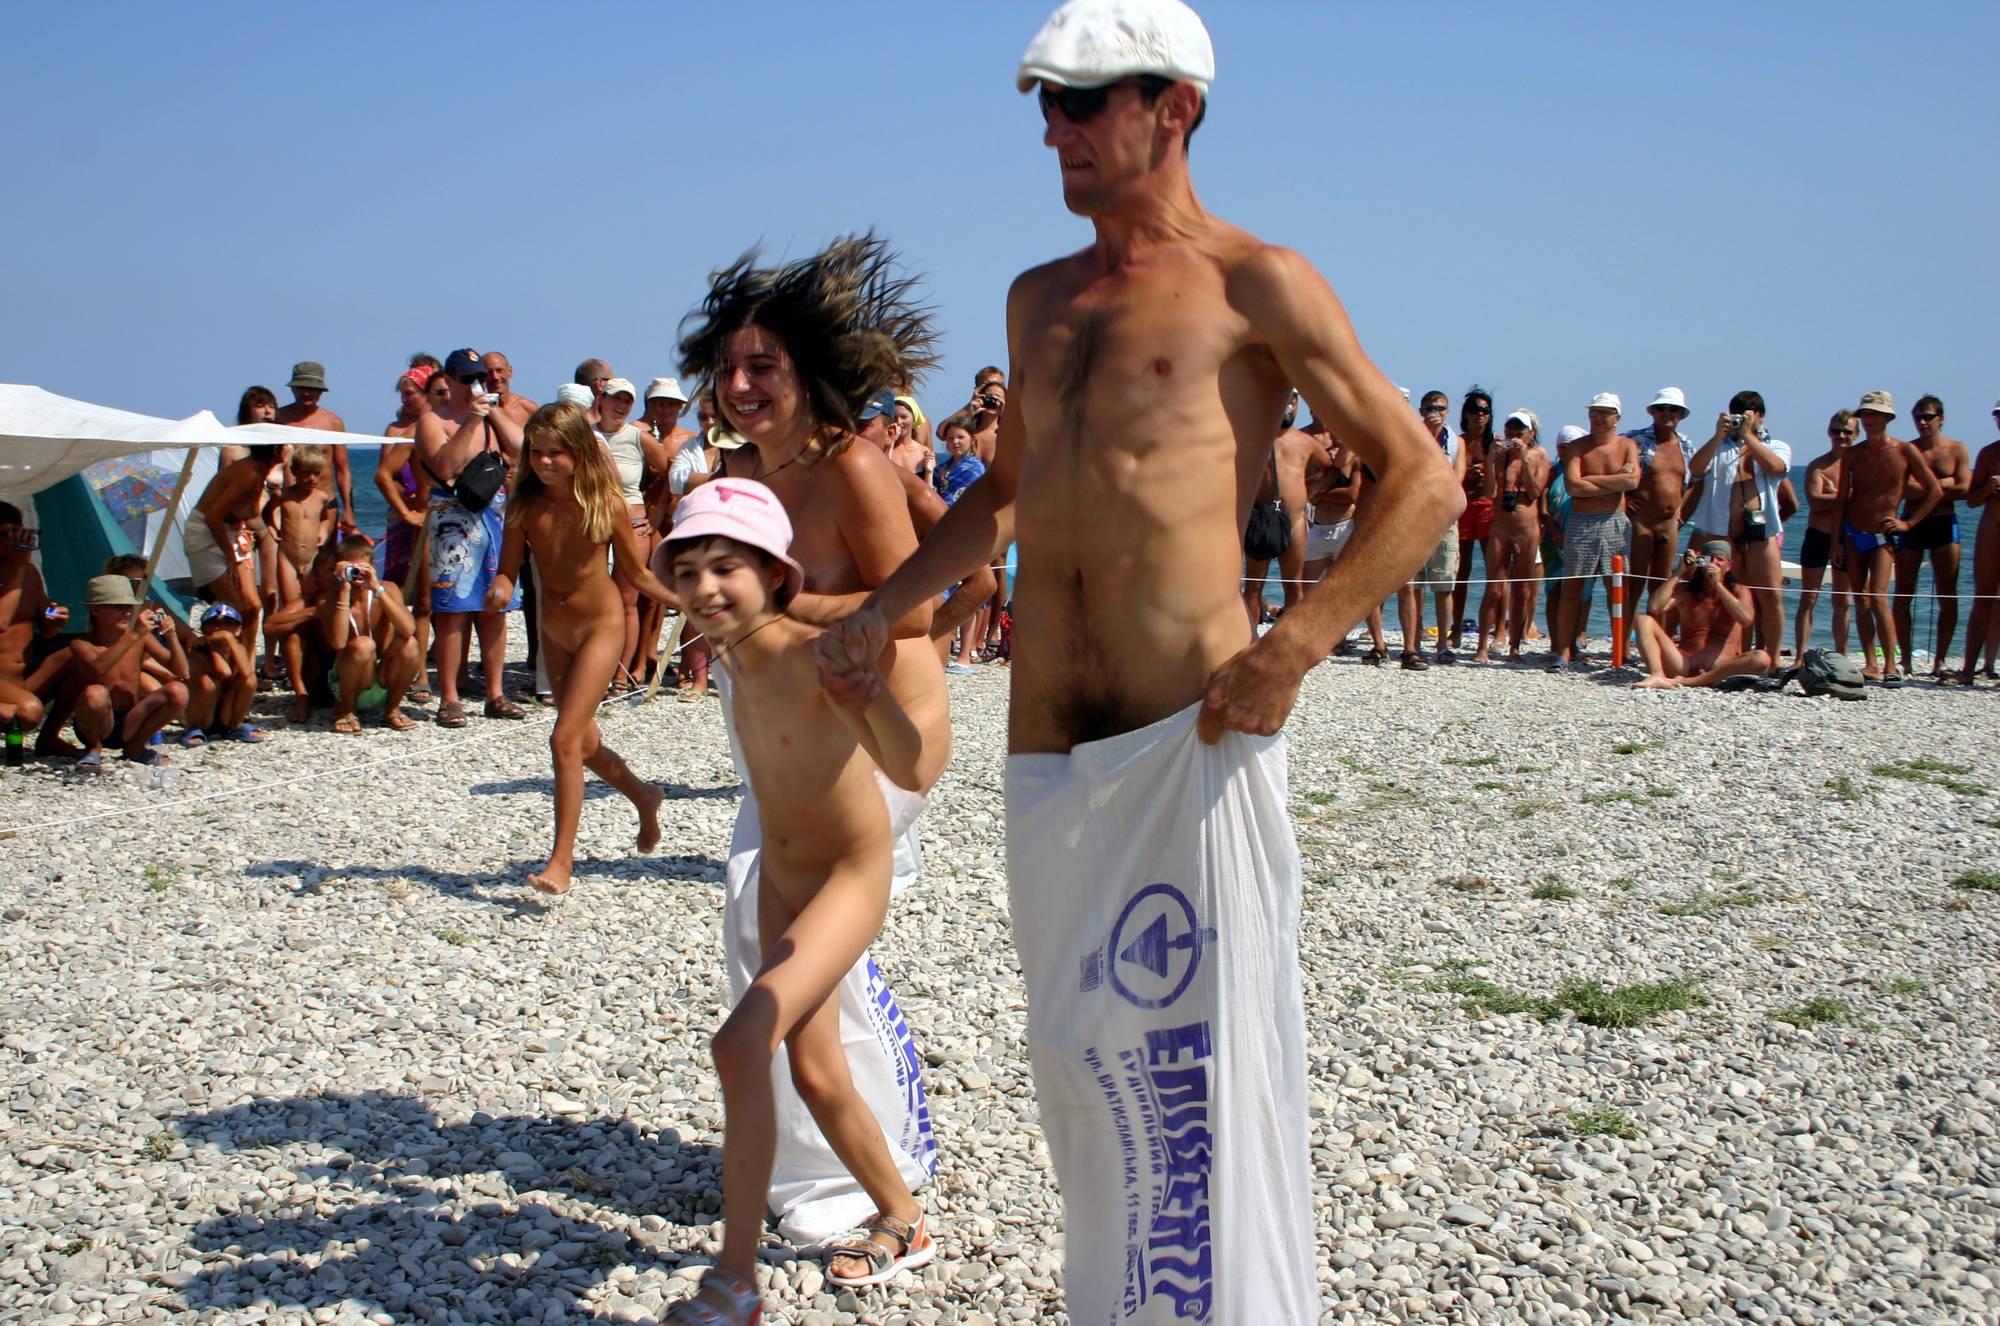 Purenudism Photos-Nude Jumping Bag Lineup - 1